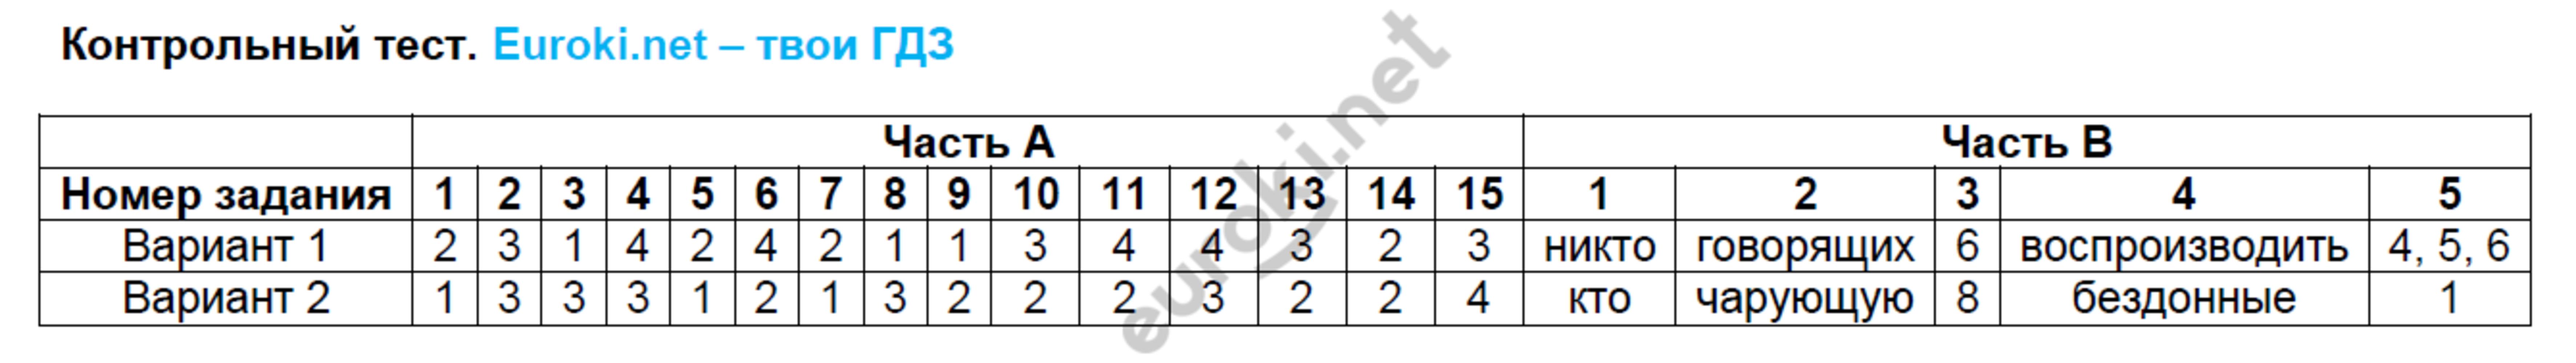 ГДЗ по русскому языку 7 класс тесты Груздева, Разумовская Экзамен ответы и решения онлайн. Задание: 6. Контрольный тест